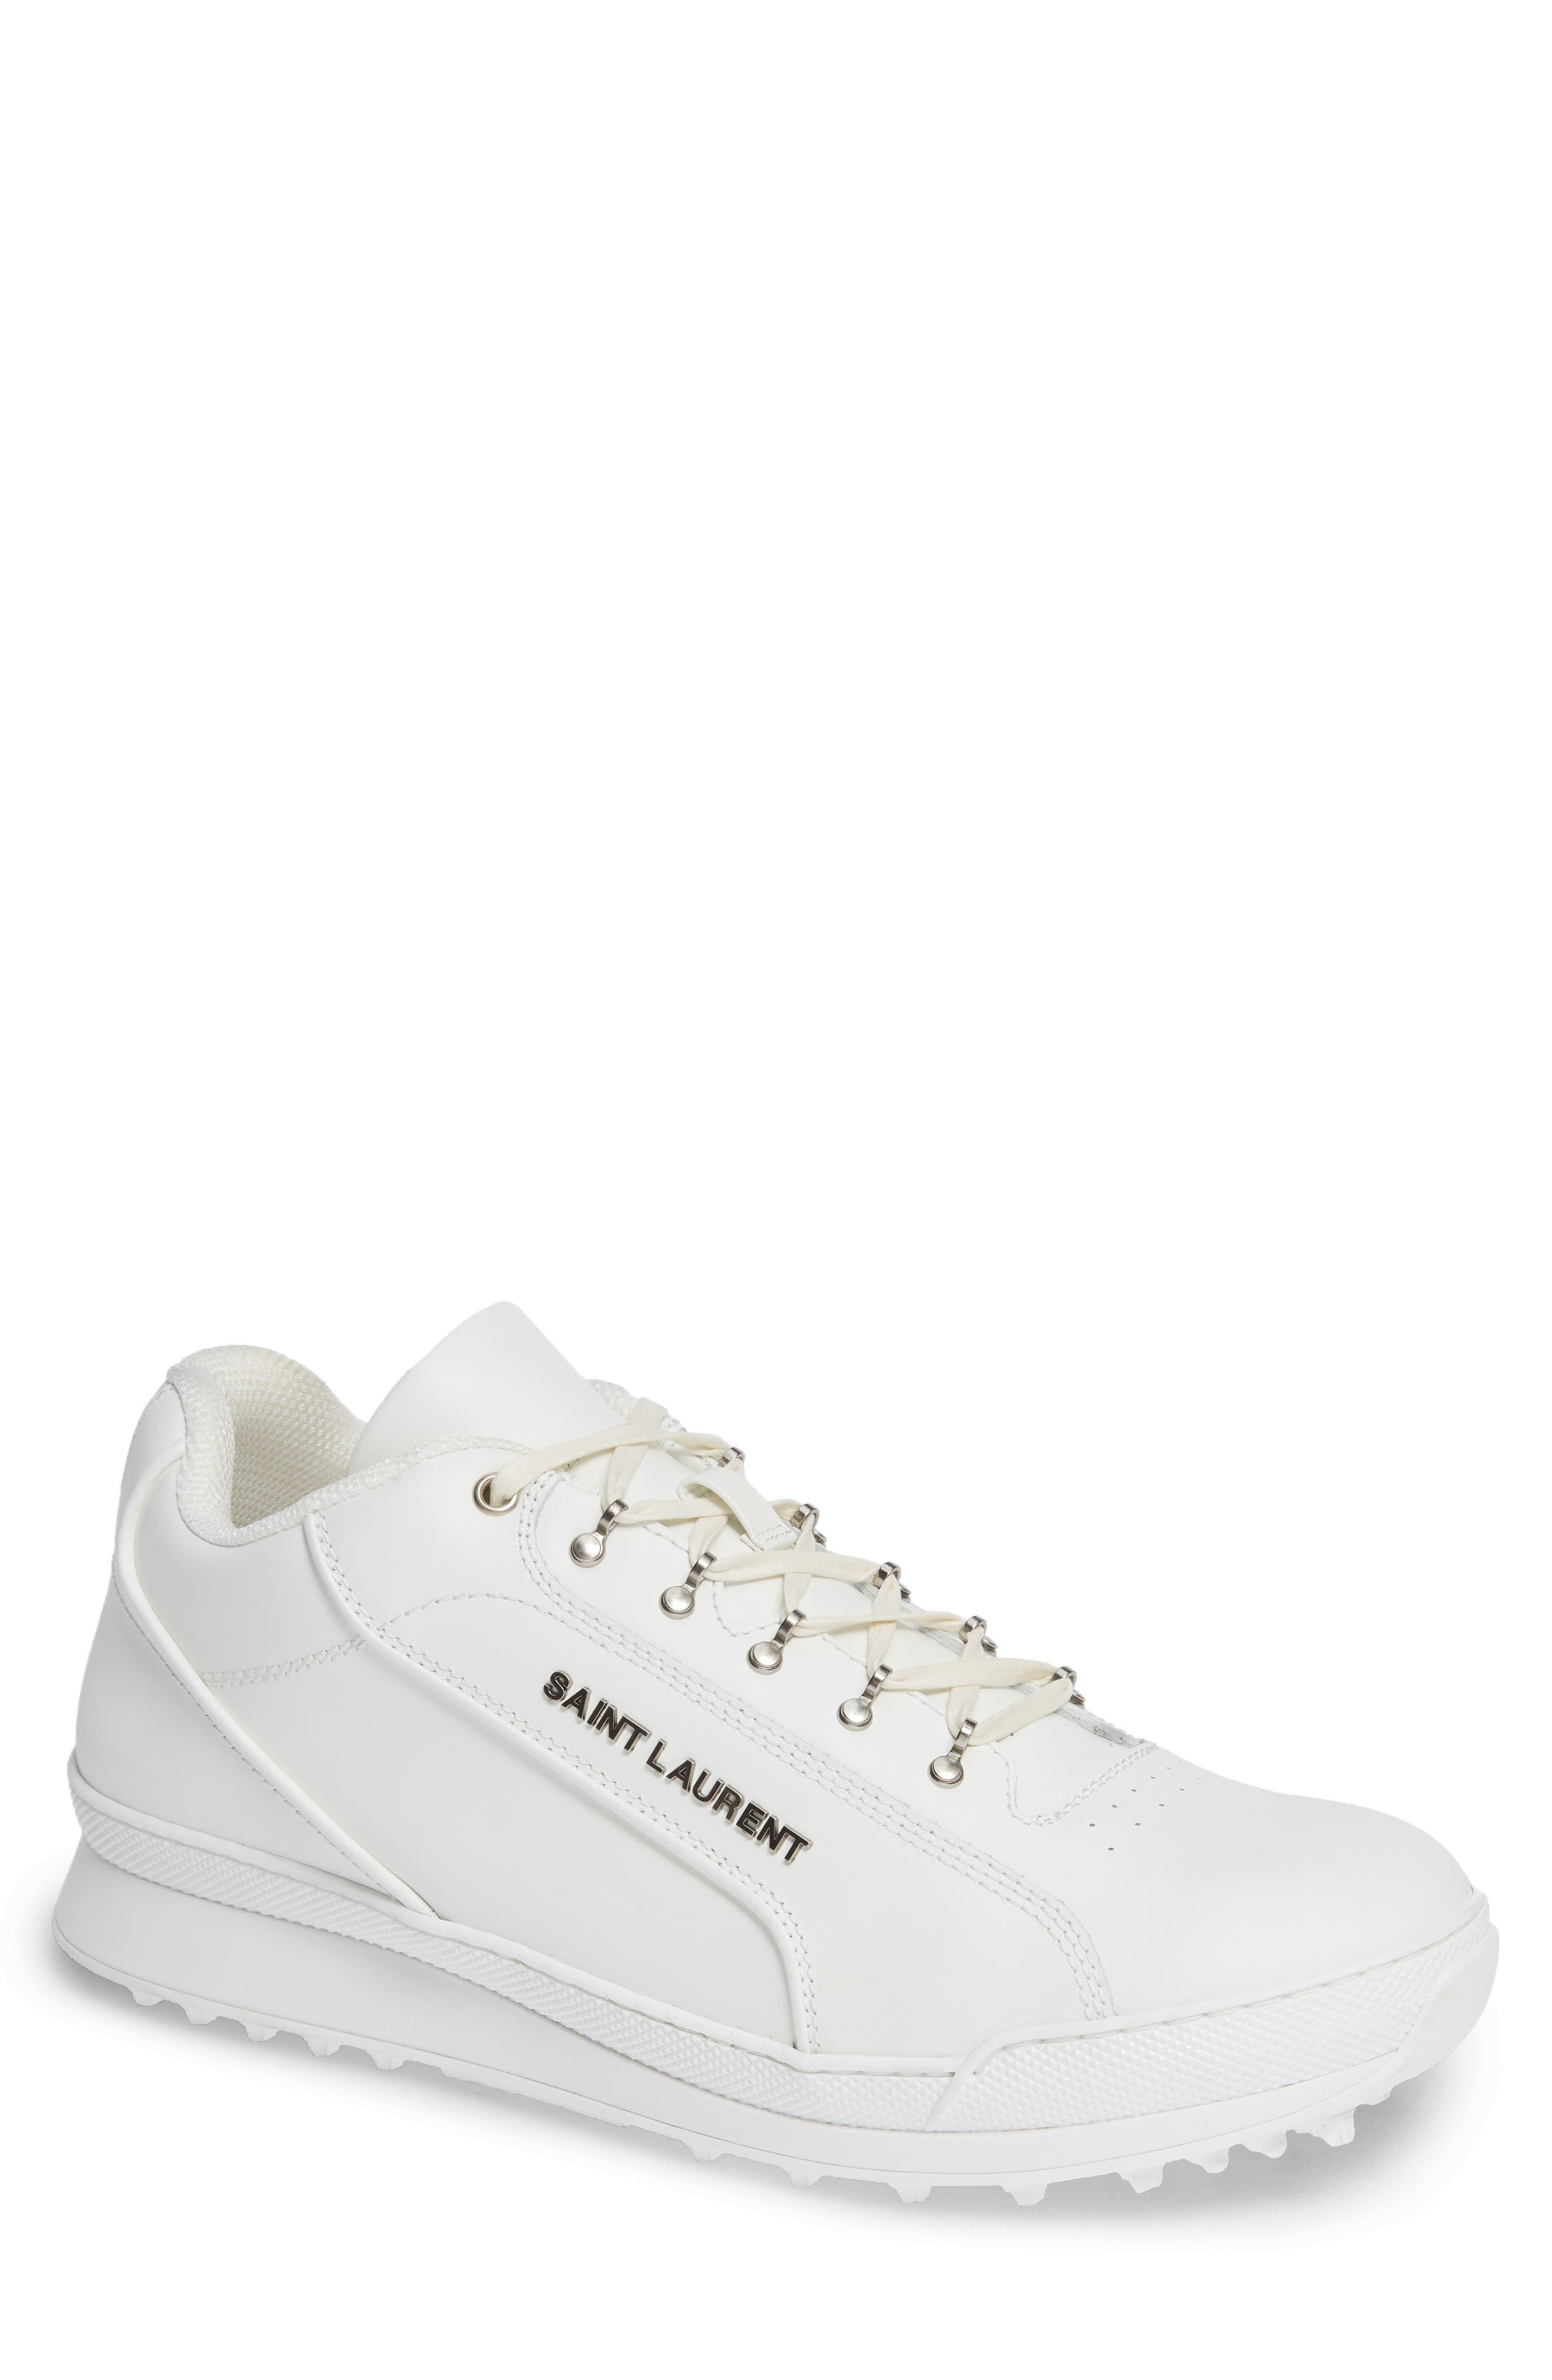 Jump Low Top Sneaker,                         Main,                         color, 120